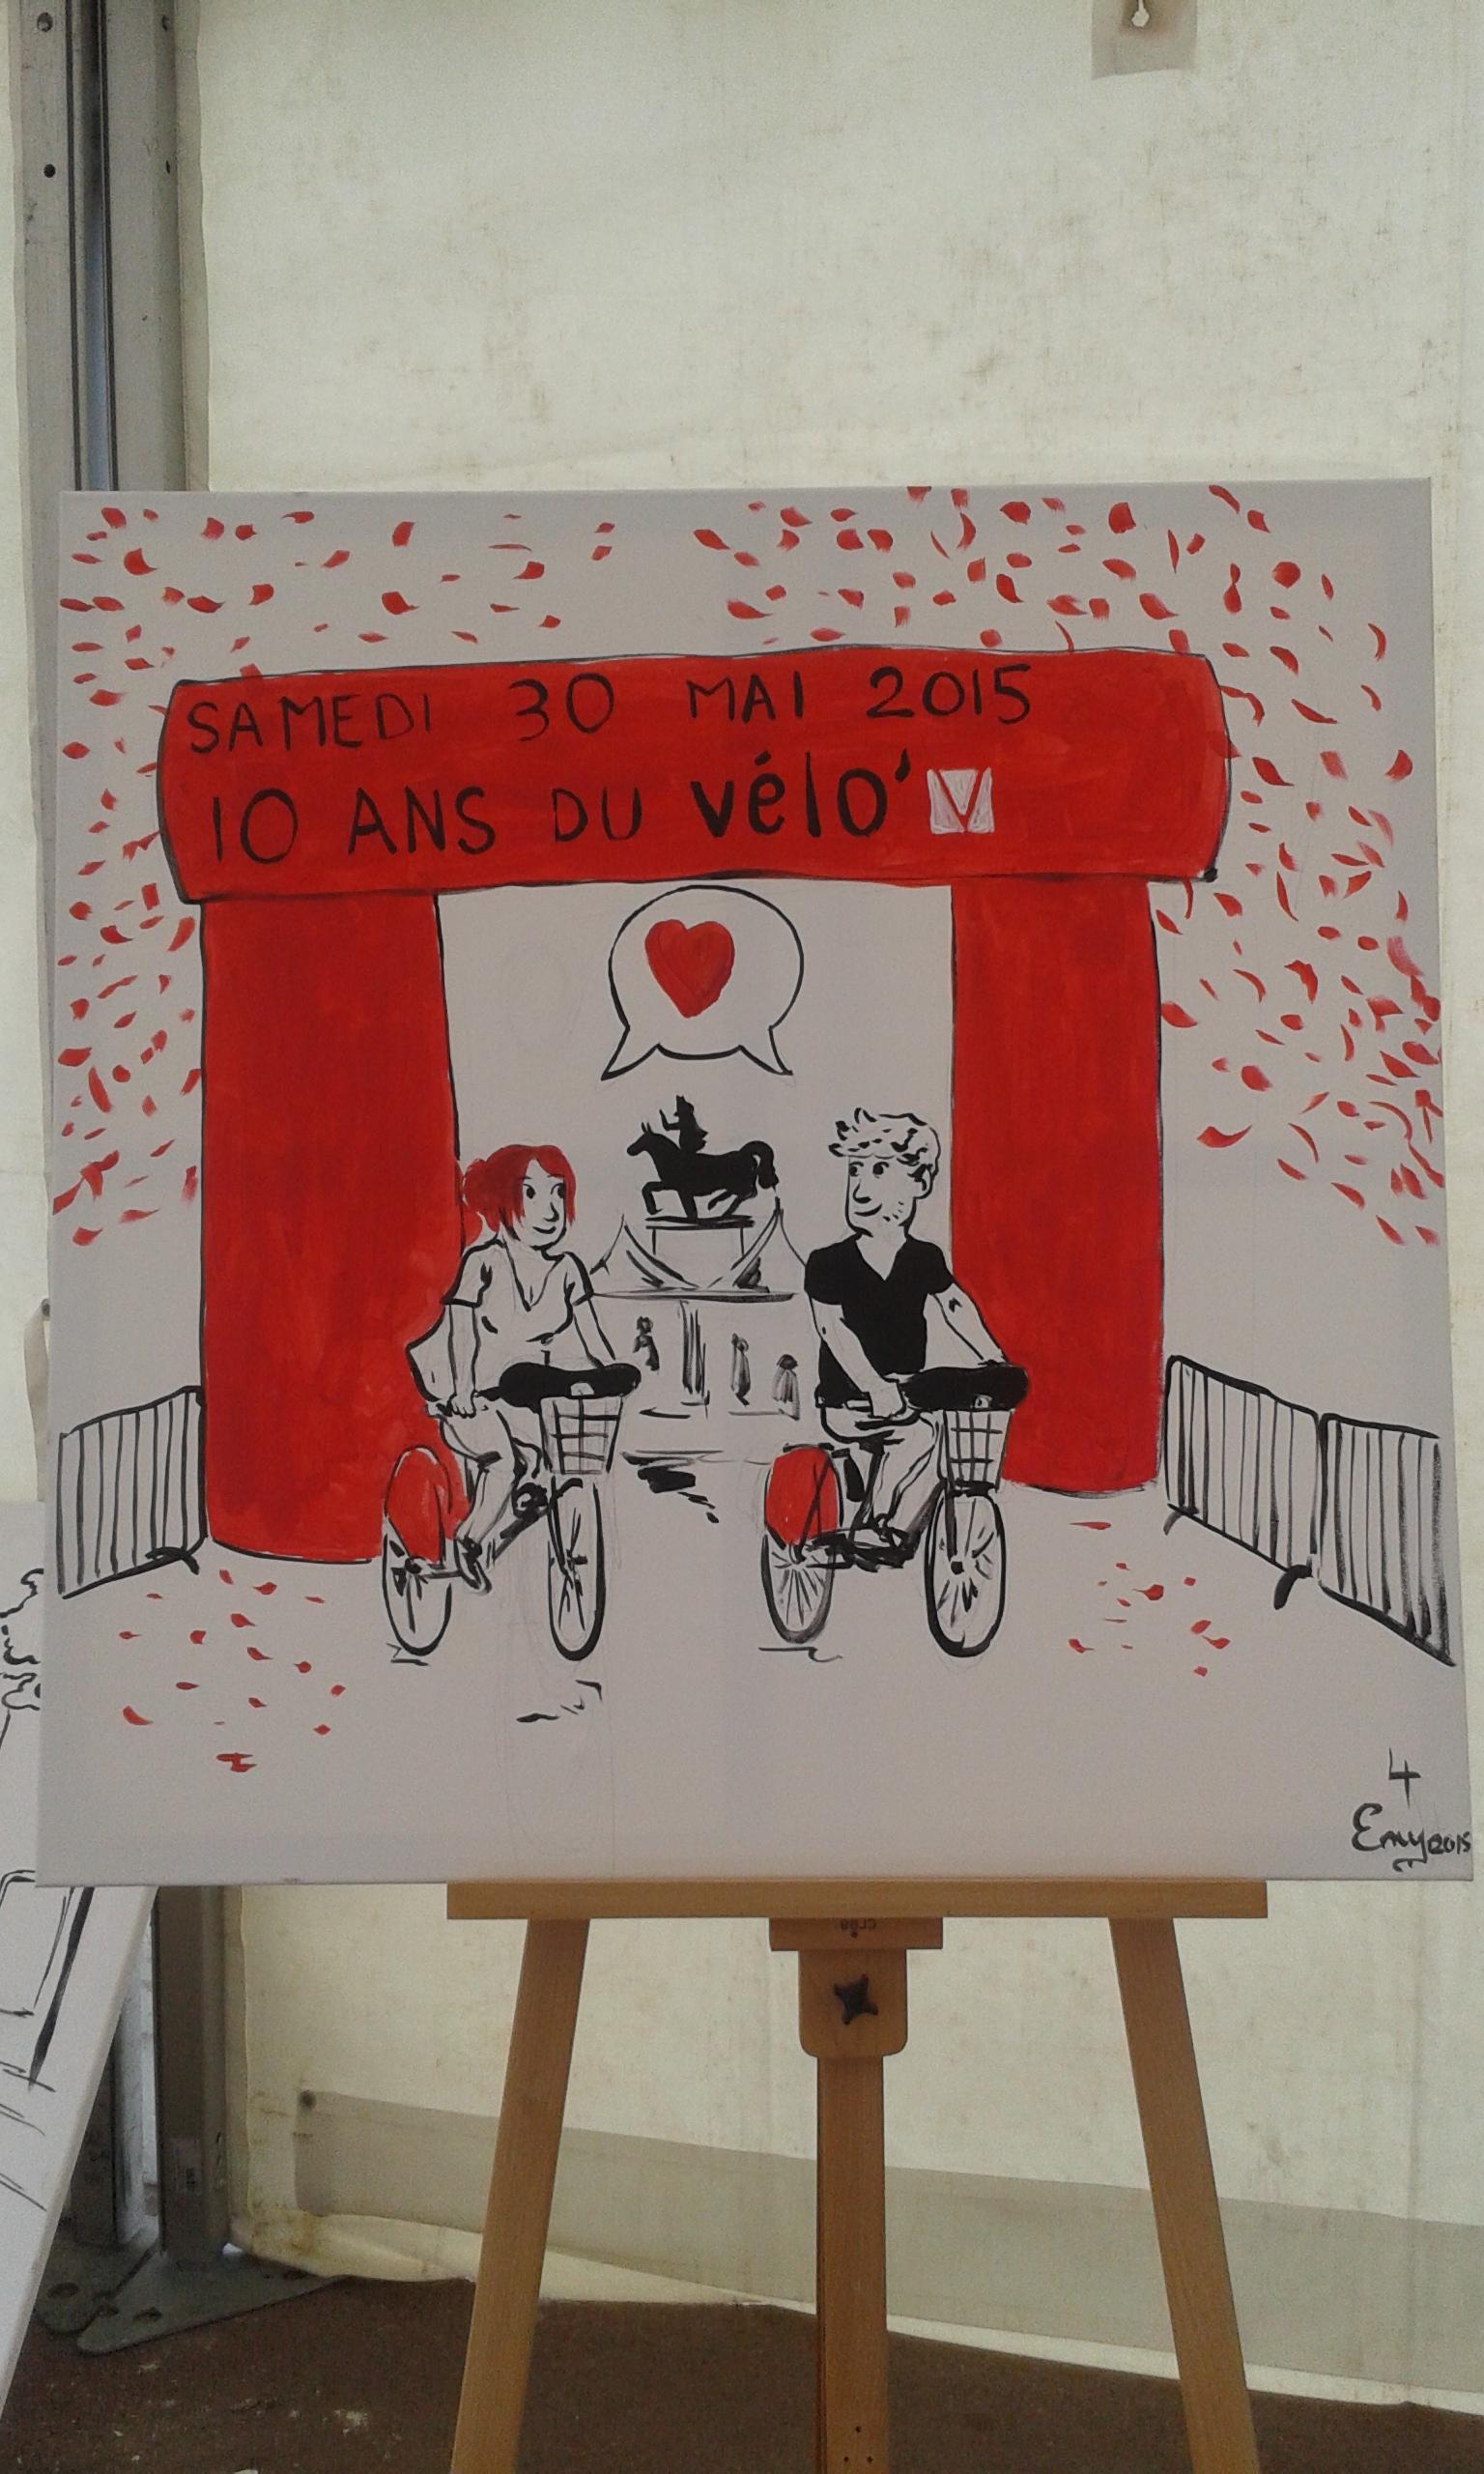 10 ans ! Performance pour Vélo'v